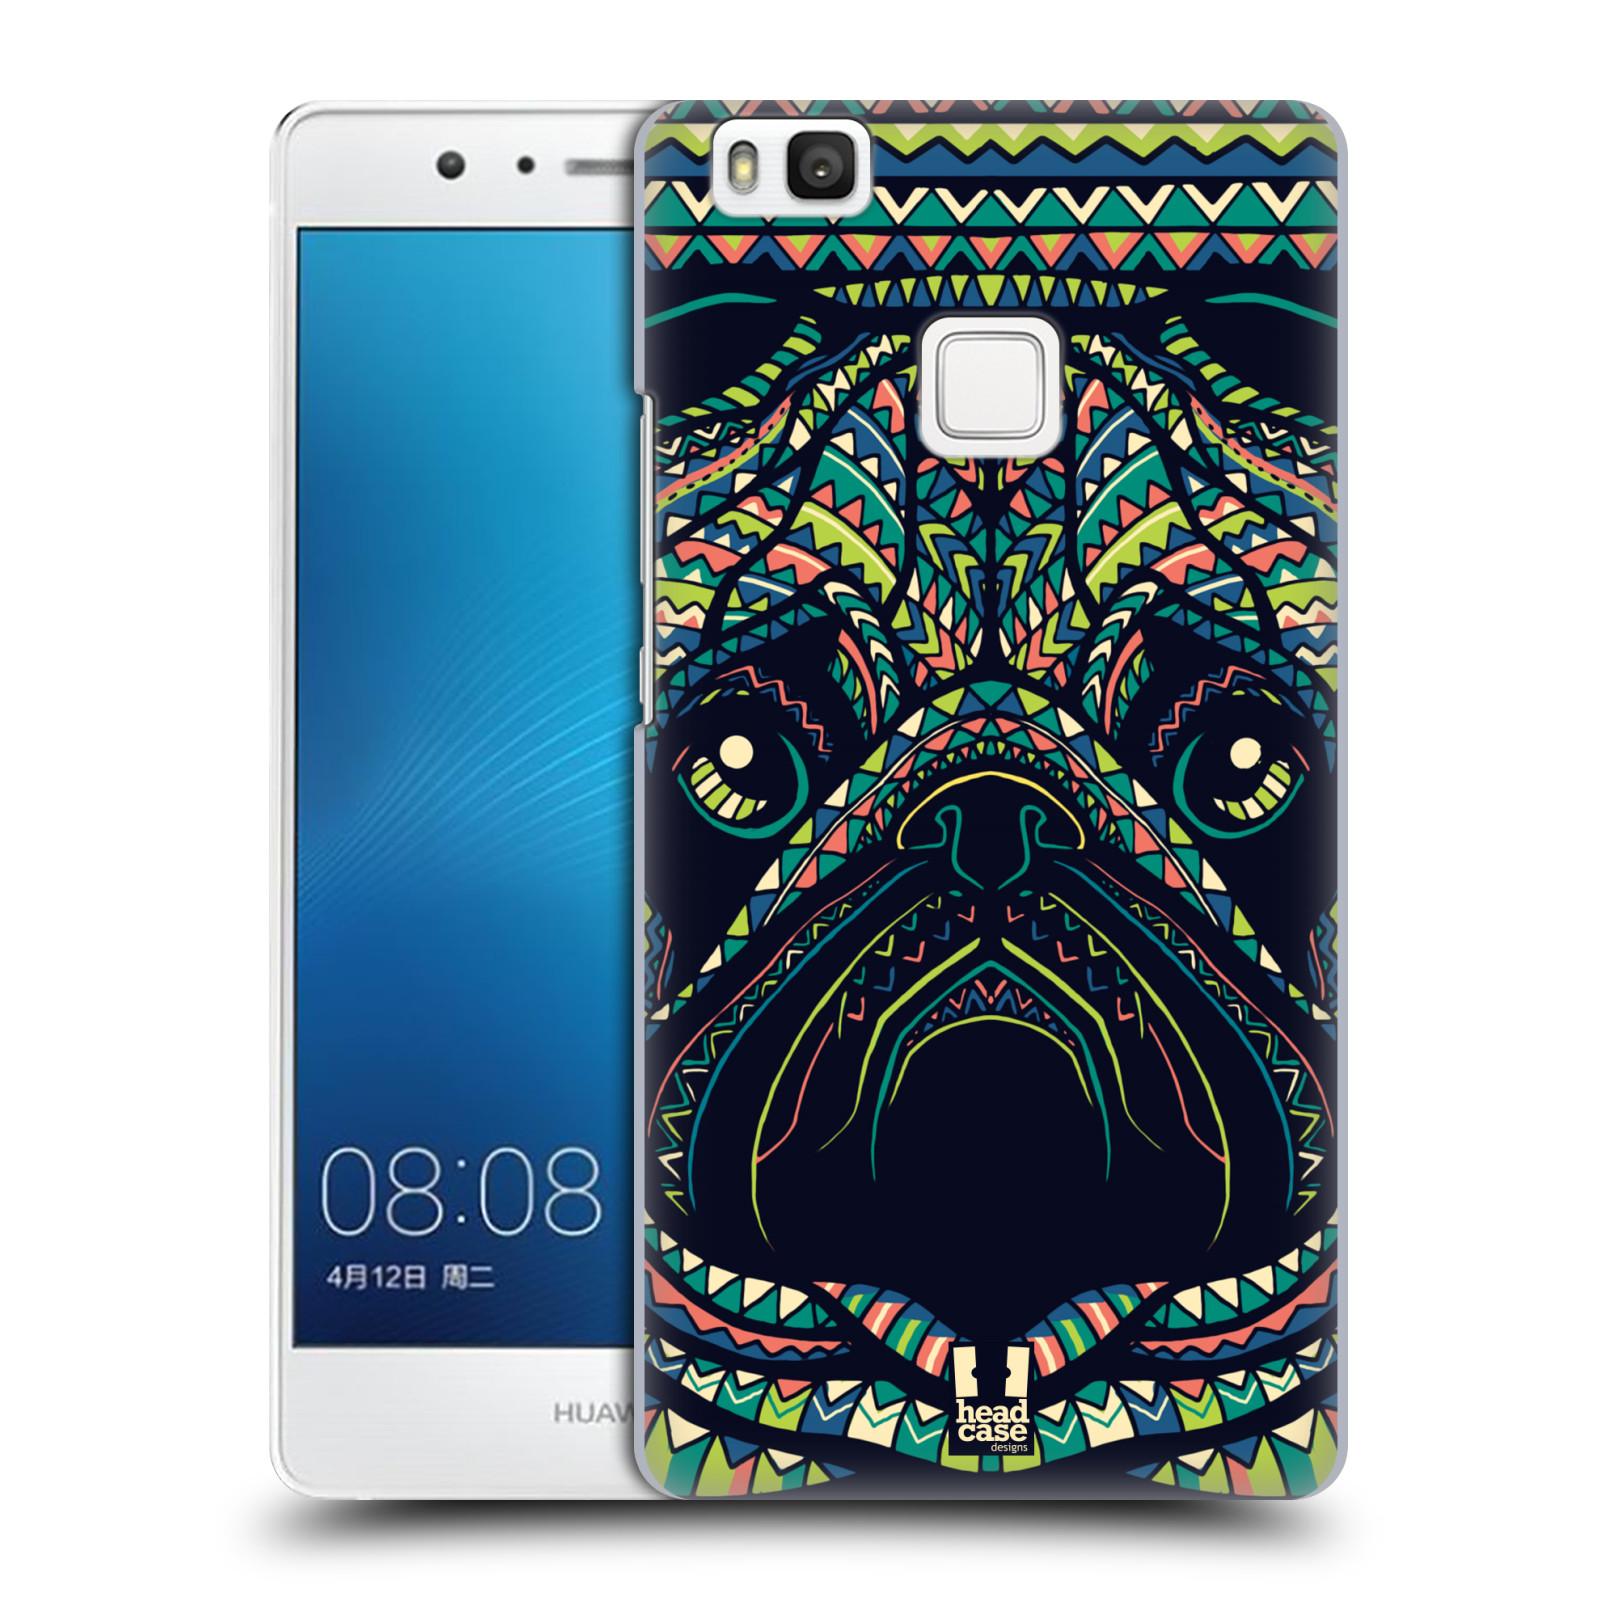 Plastové pouzdro na mobil Huawei P9 Lite HEAD CASE AZTEC MOPS